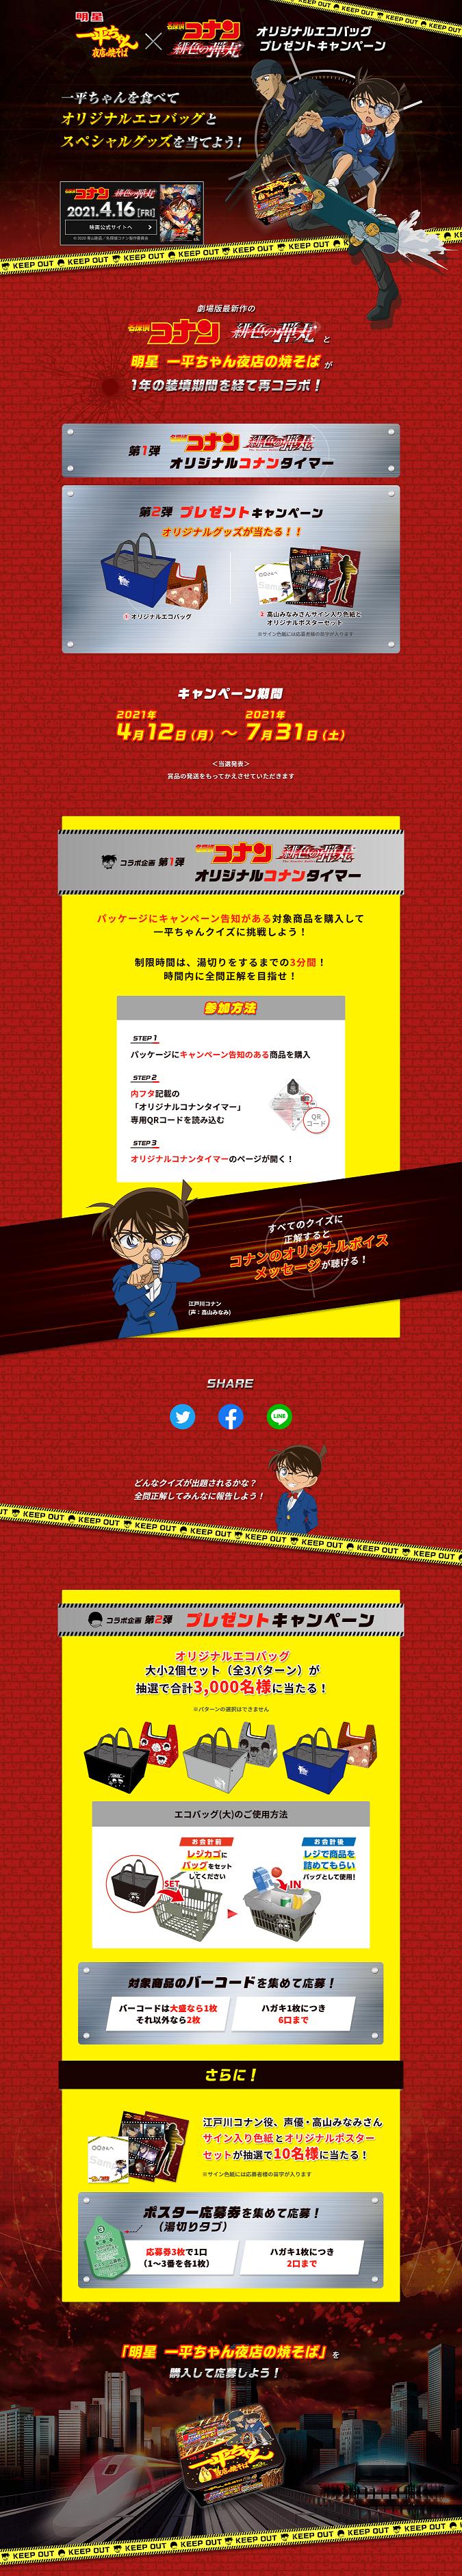 【明星】一平ちゃん夜店の焼そば 名探偵コナン緋色の弾丸キャンペーン